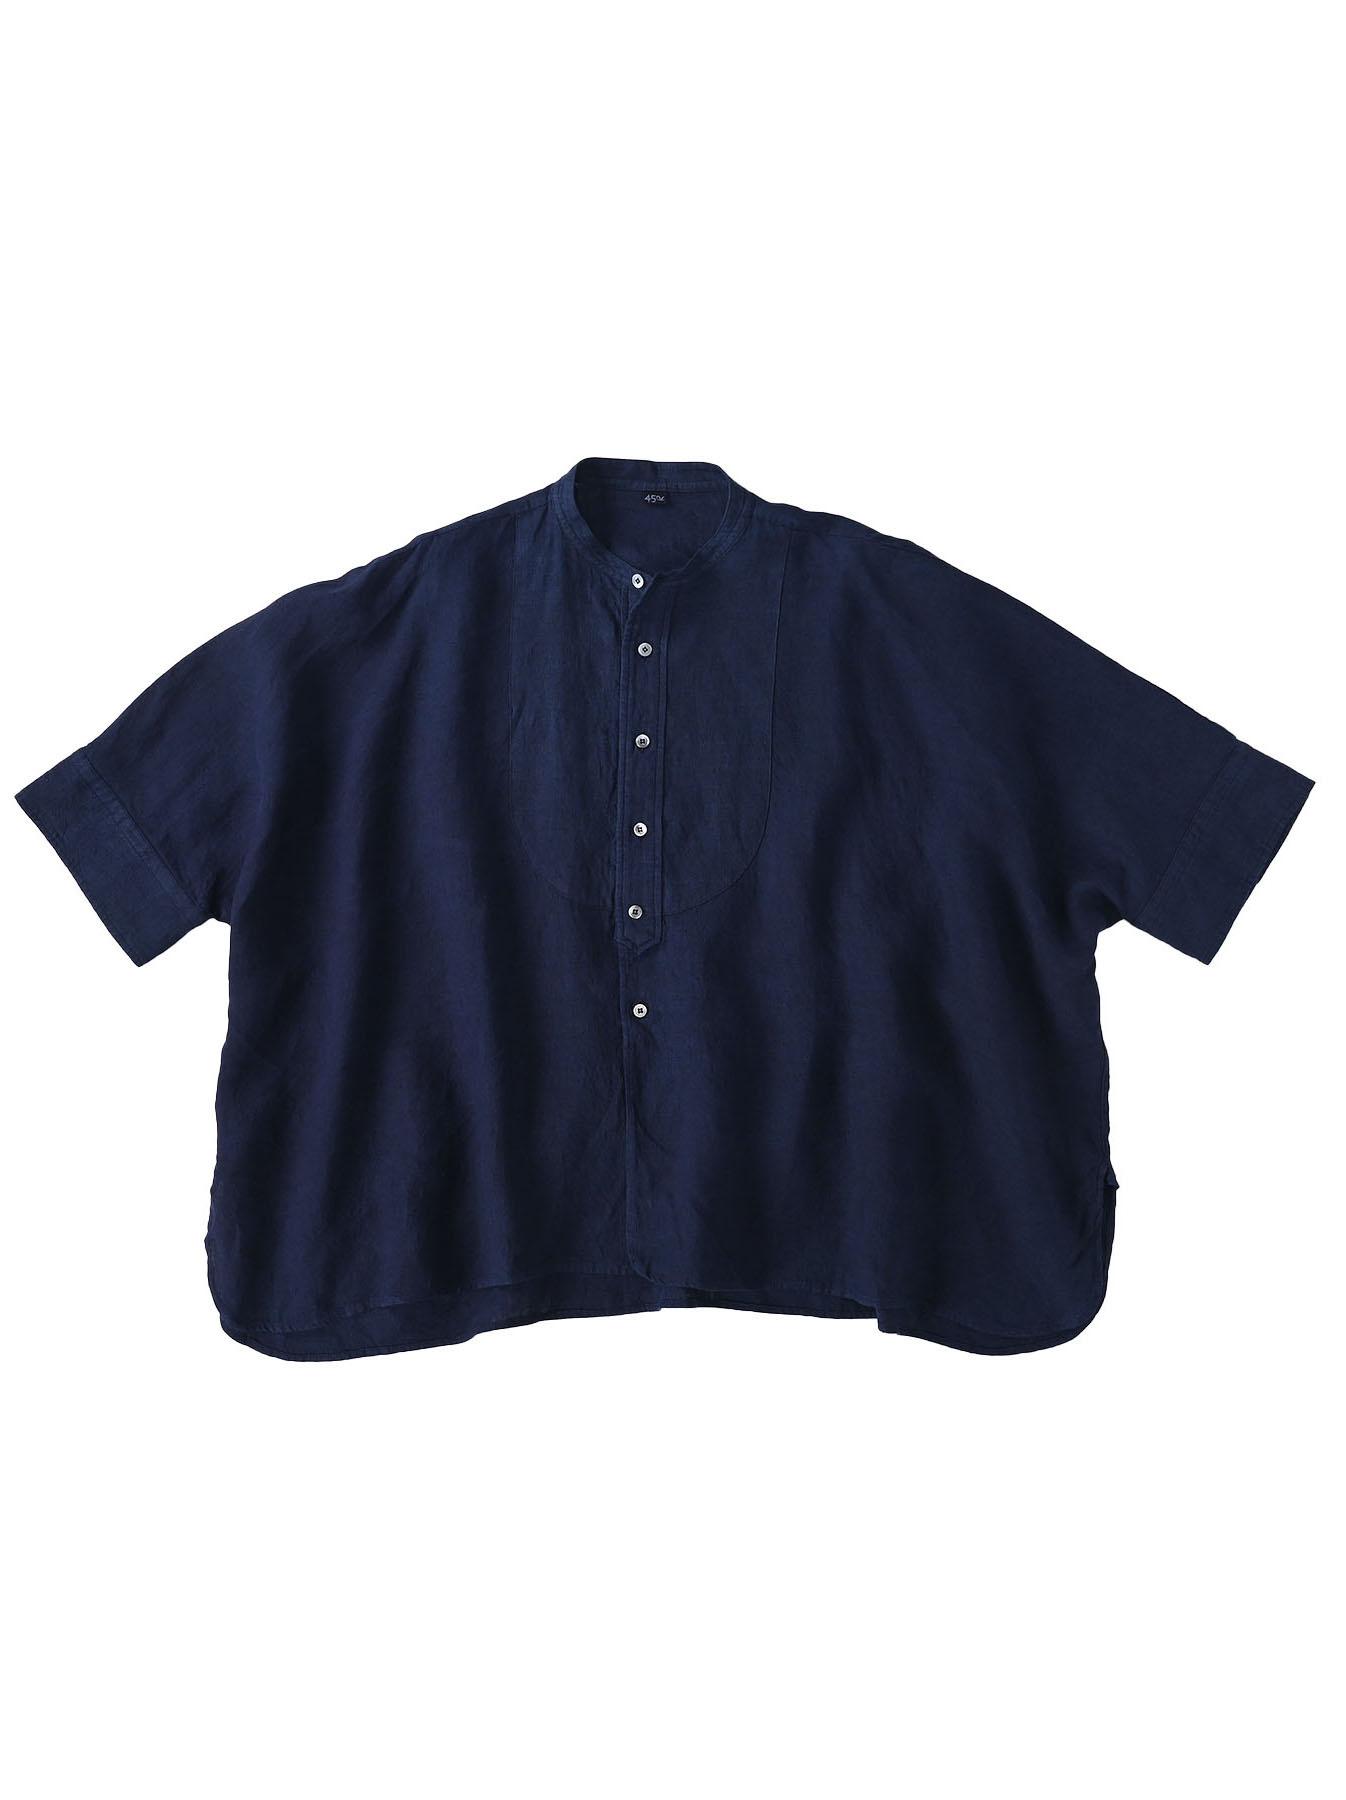 Indigo Indian Linen Flat Big Shirt (0521)-1